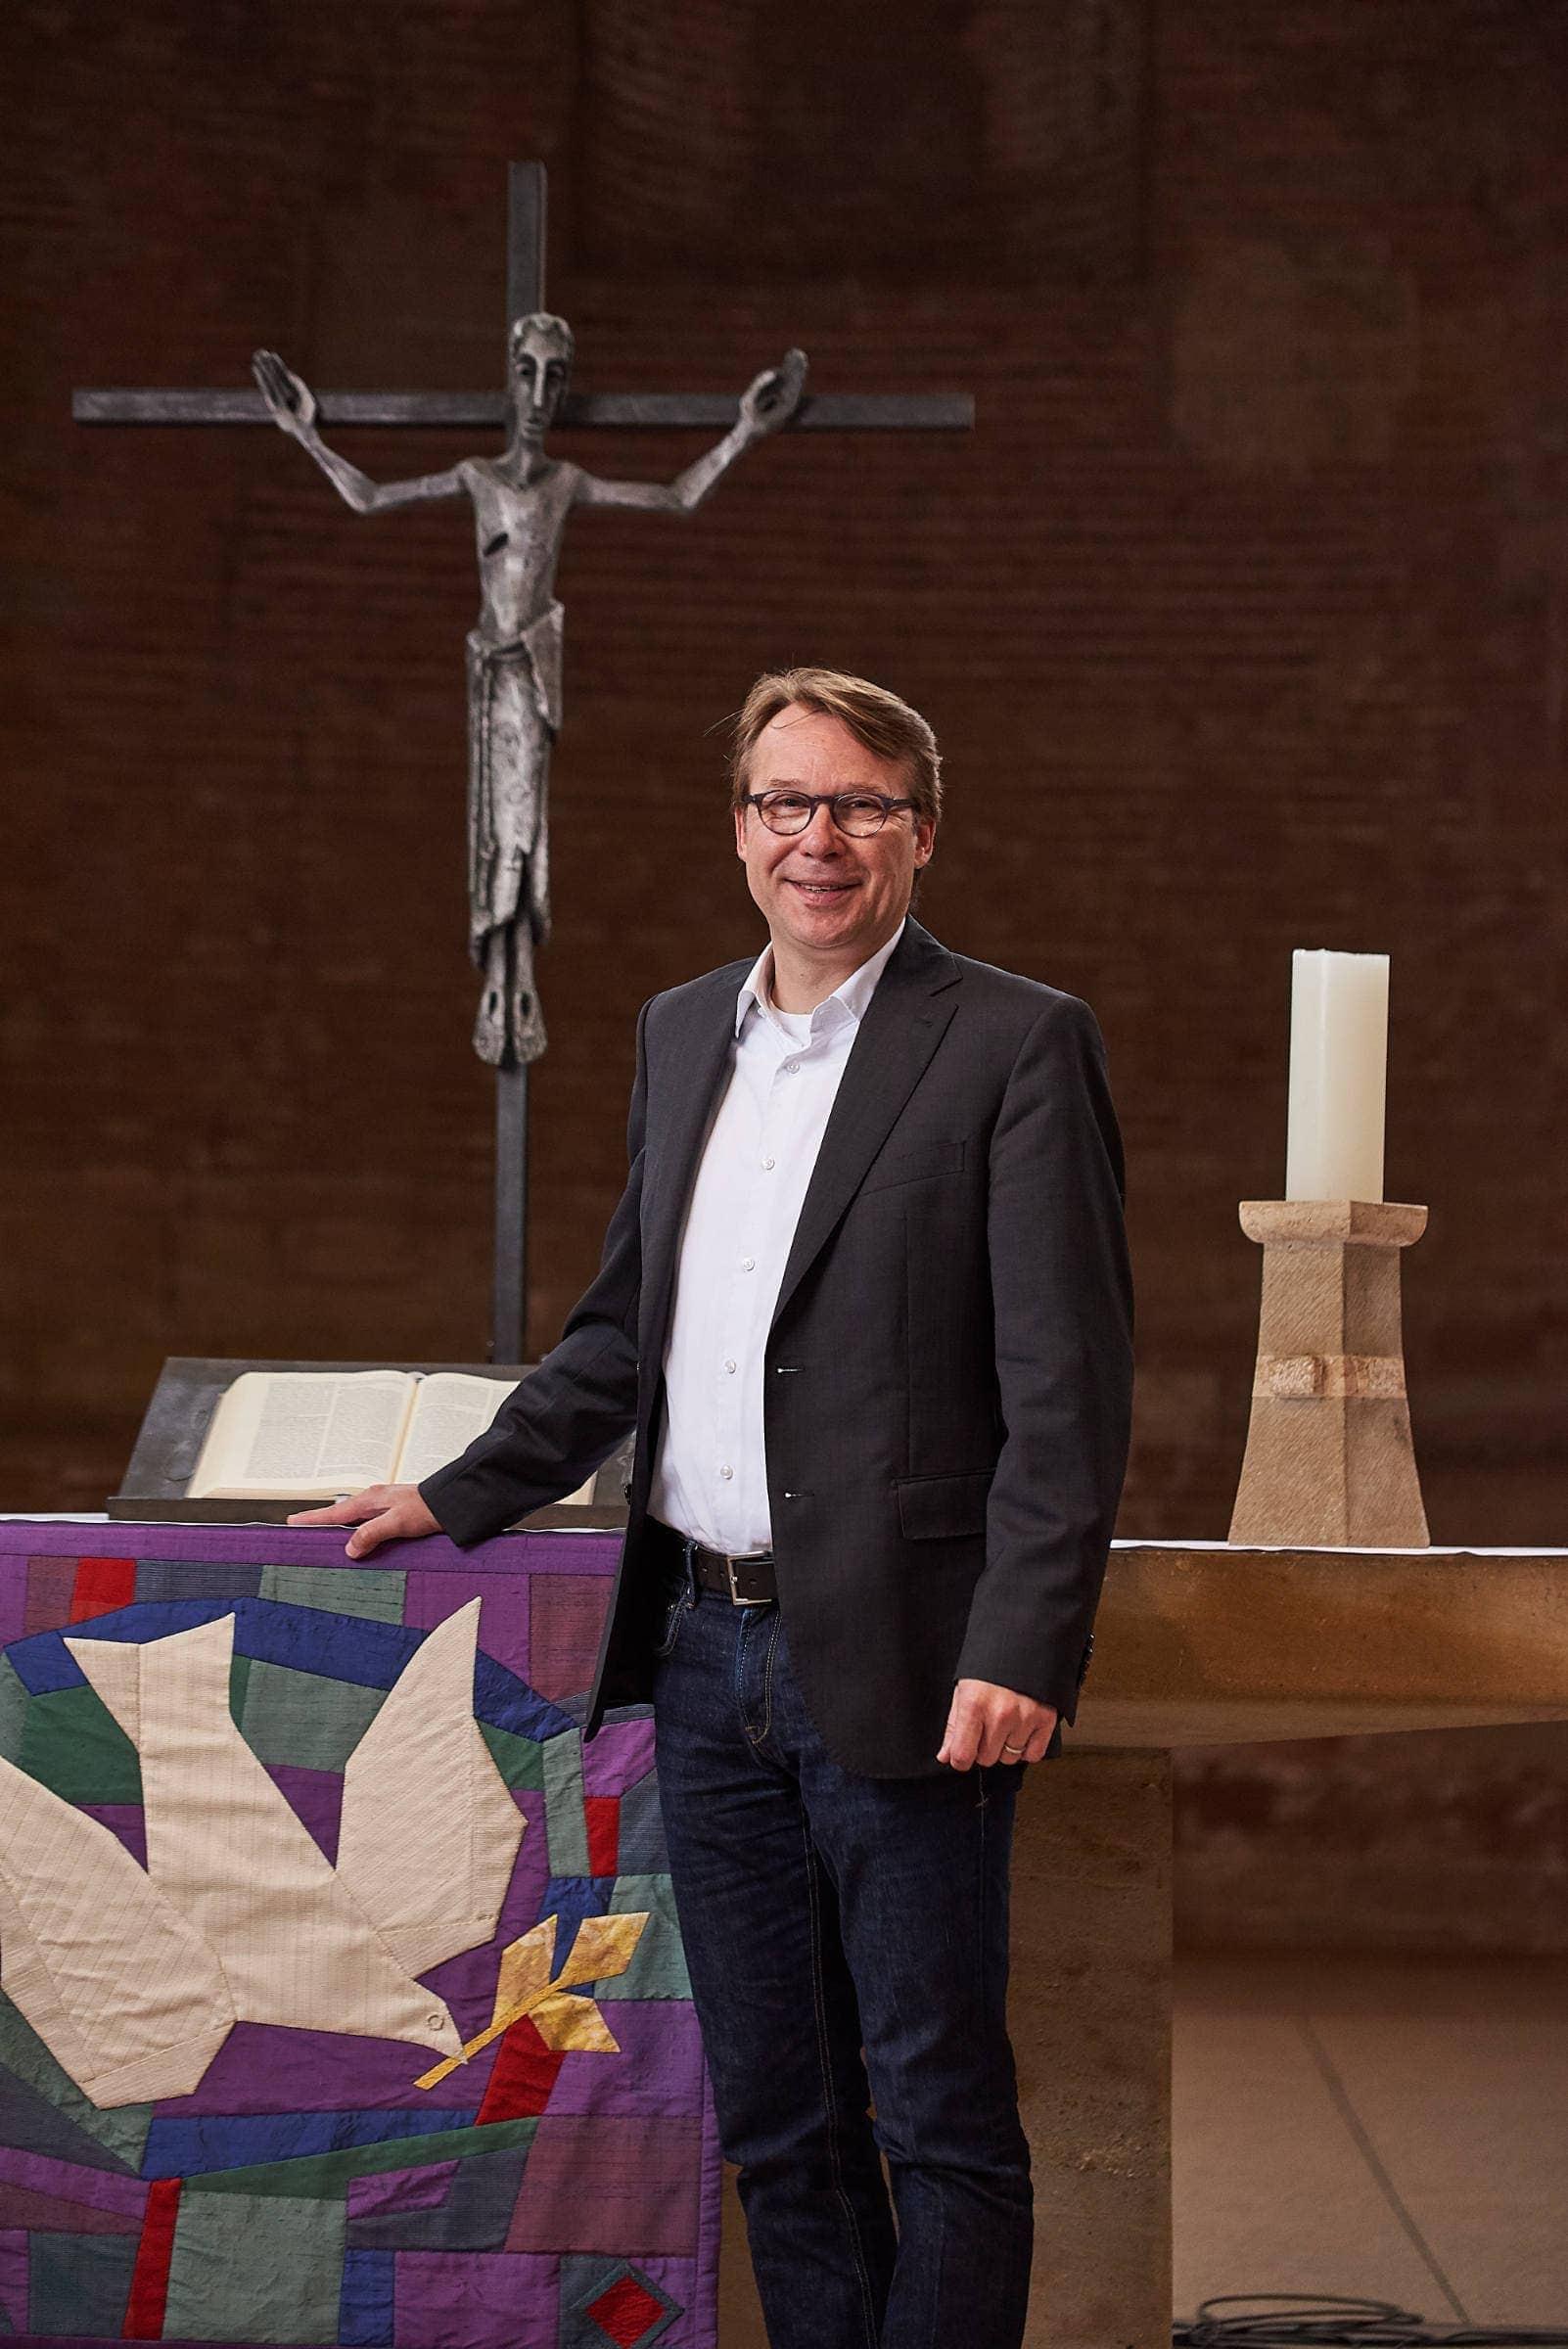 PR Fotografie für die evangelische Kirchengemeinde Trier, Pfarrer Thomas Luxa